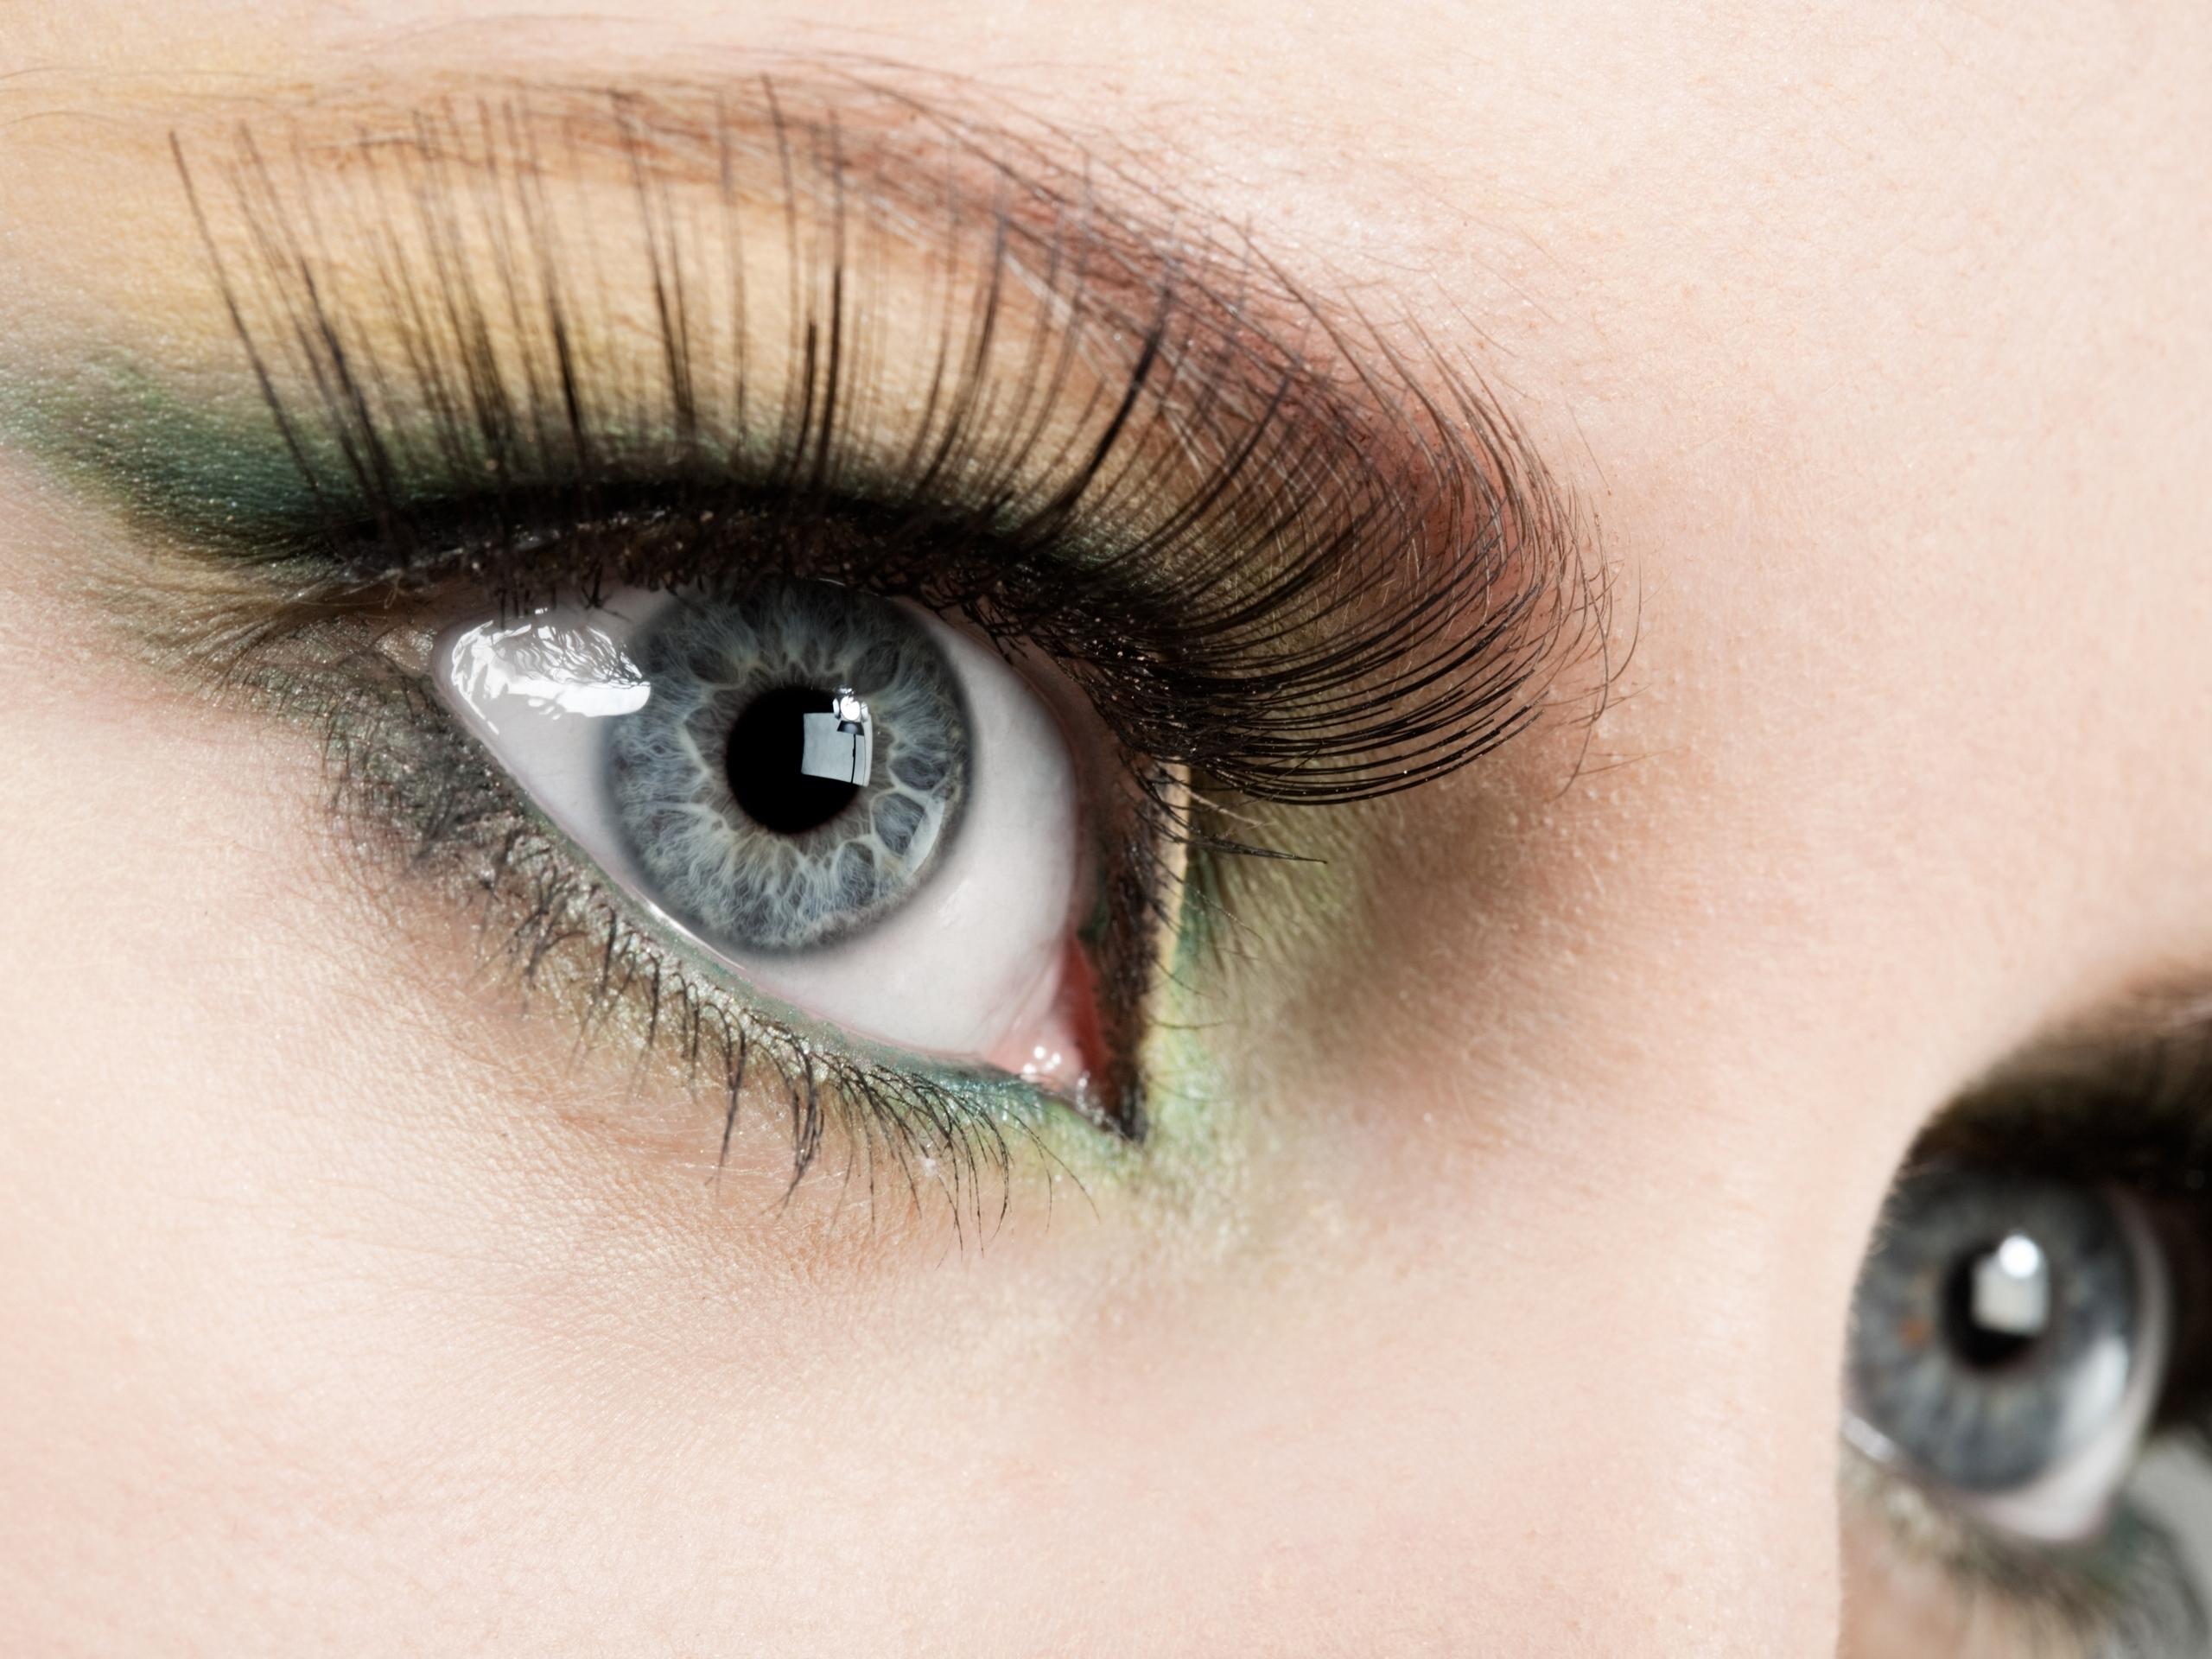 Eyes Wallpaper Hd 41066 2560x1920px